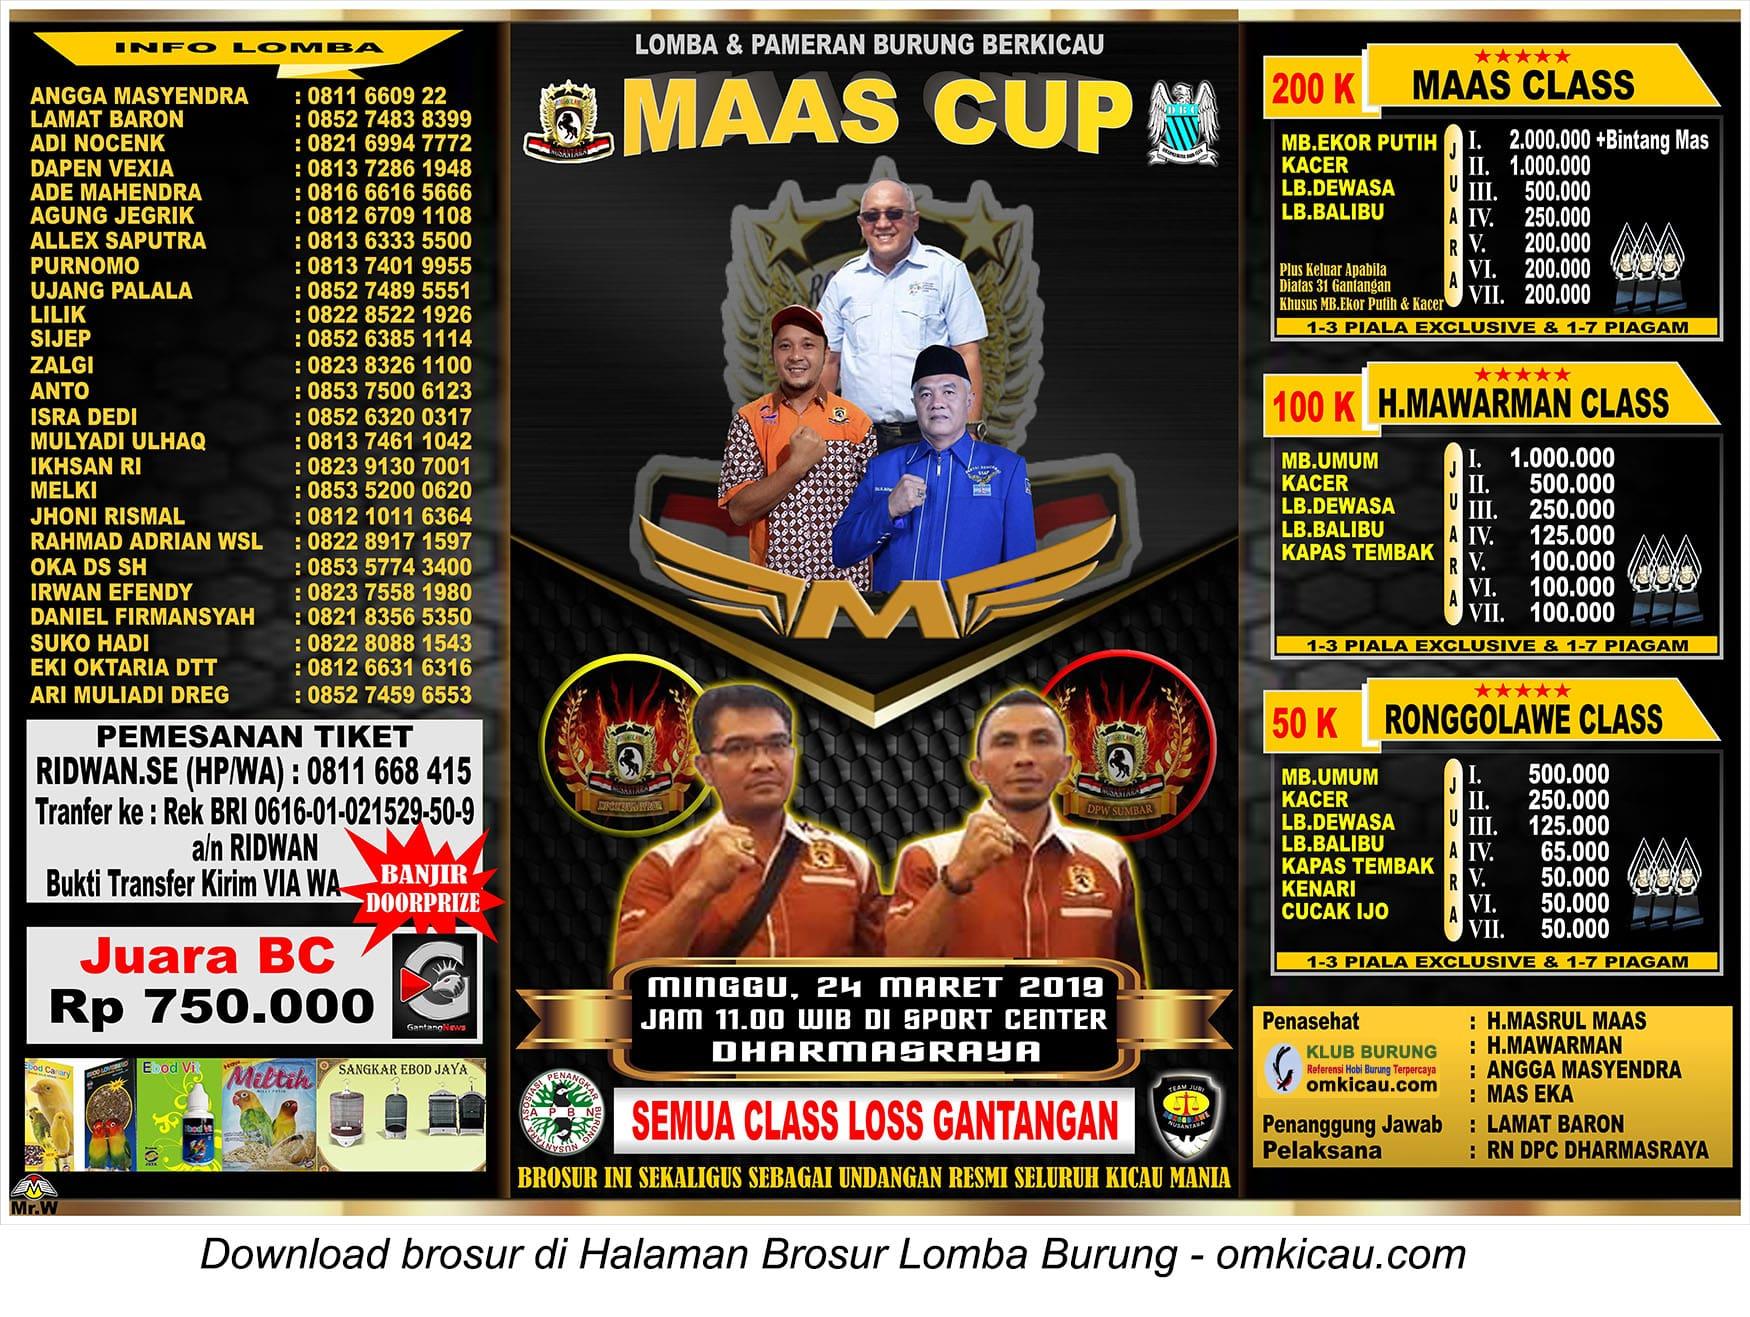 MAAS Cup